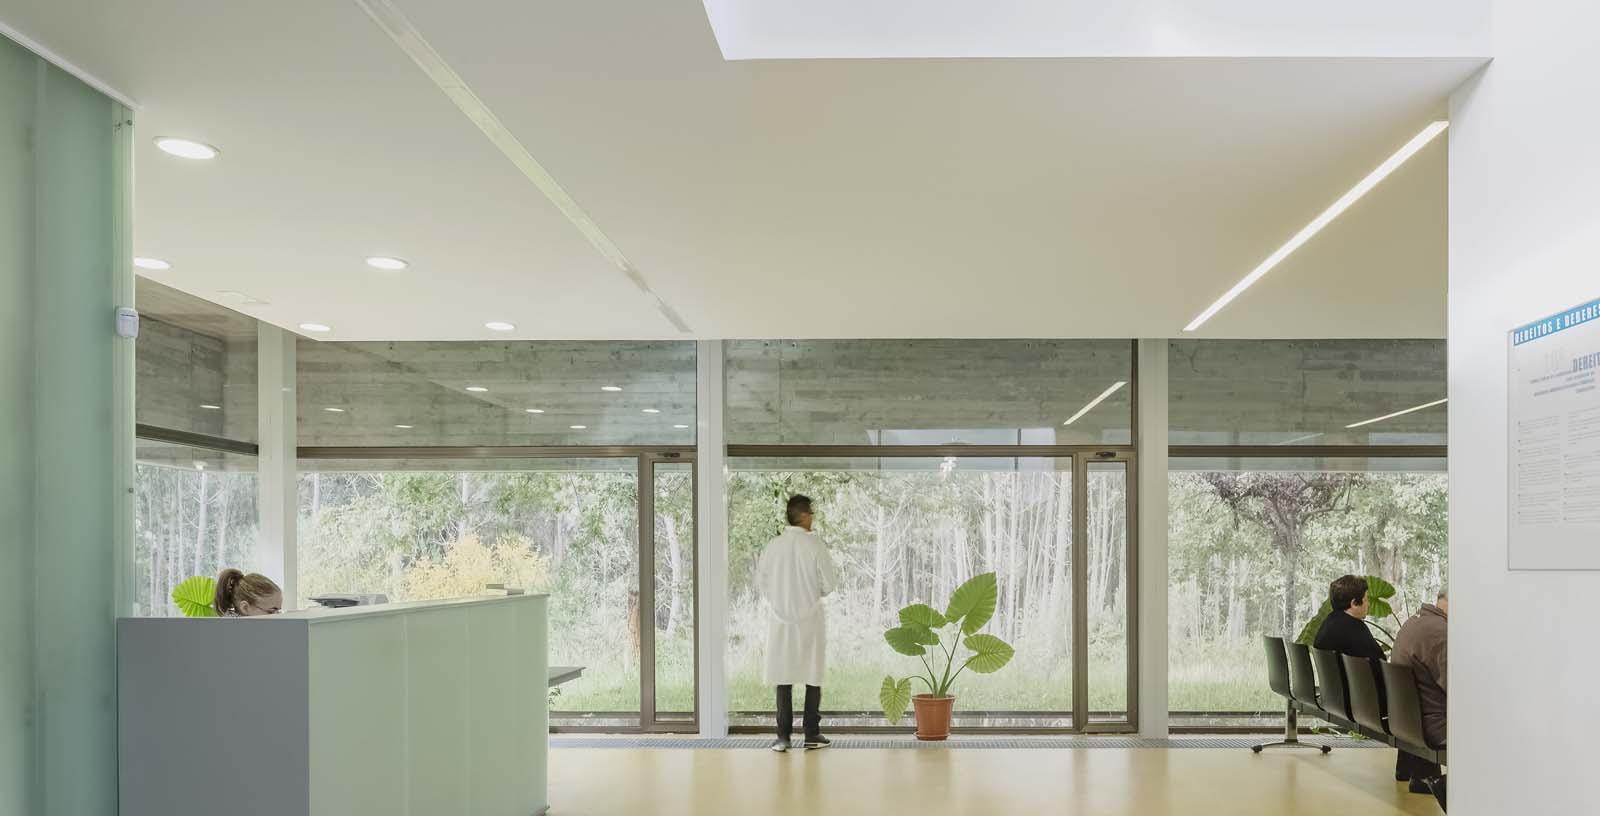 A_Merca_Health_Center_Architecture_Idom_Aitor_Ortiz_05